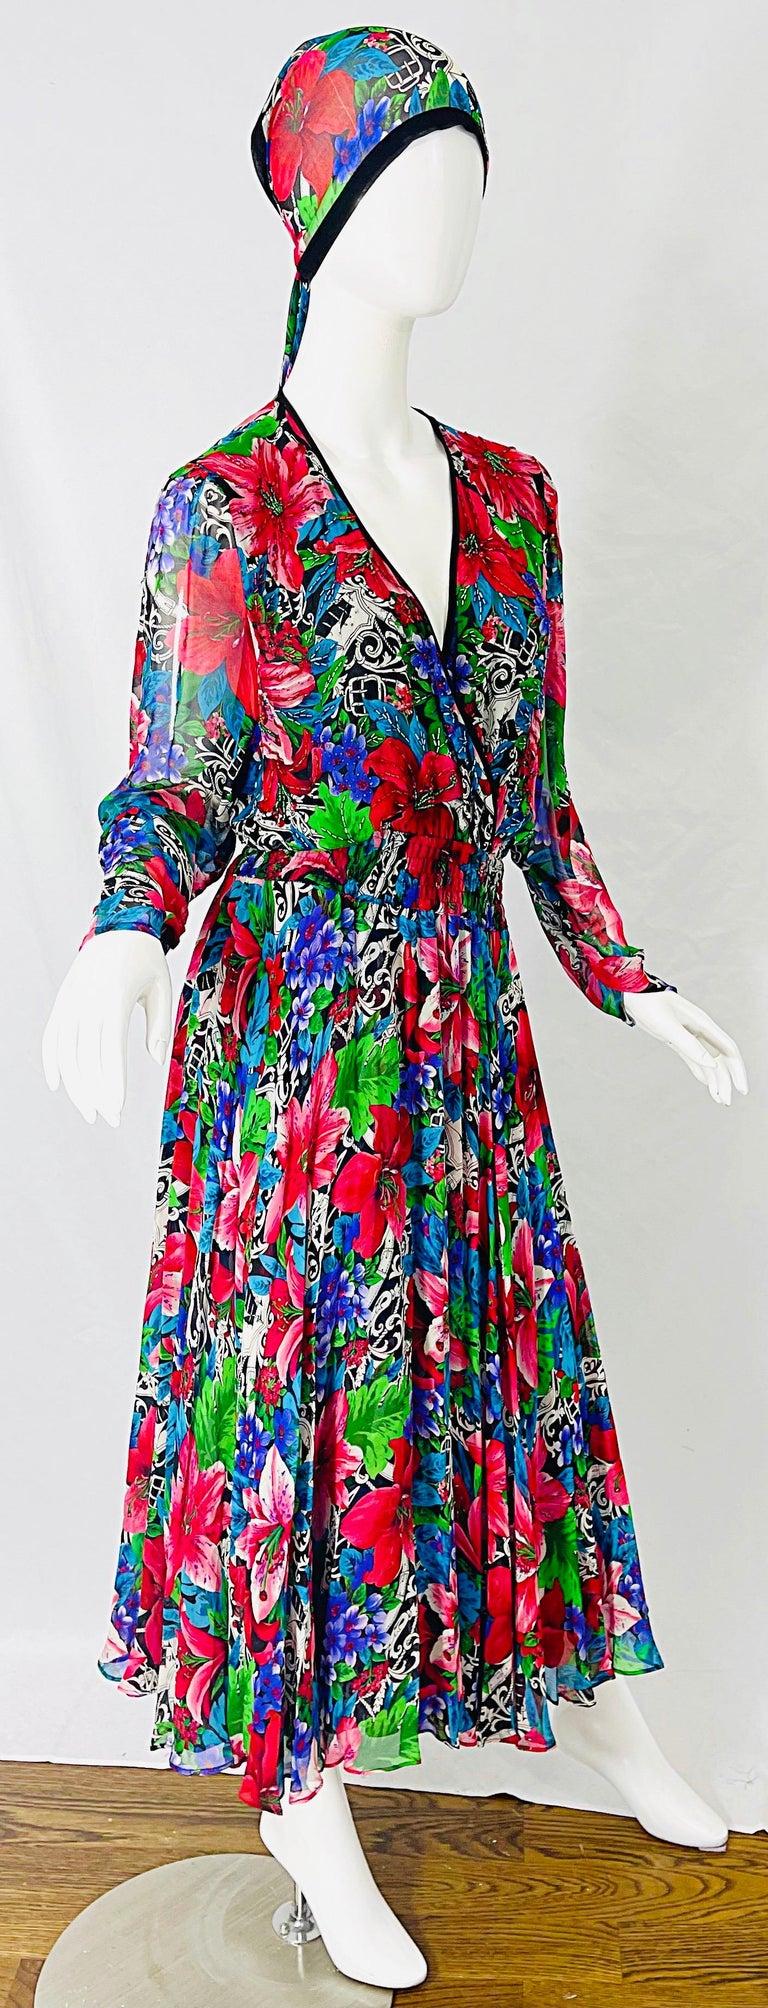 Vintage Diane Freis Silk Chiffon Beaded Tropical Print Midi Dress + Sash For Sale 11